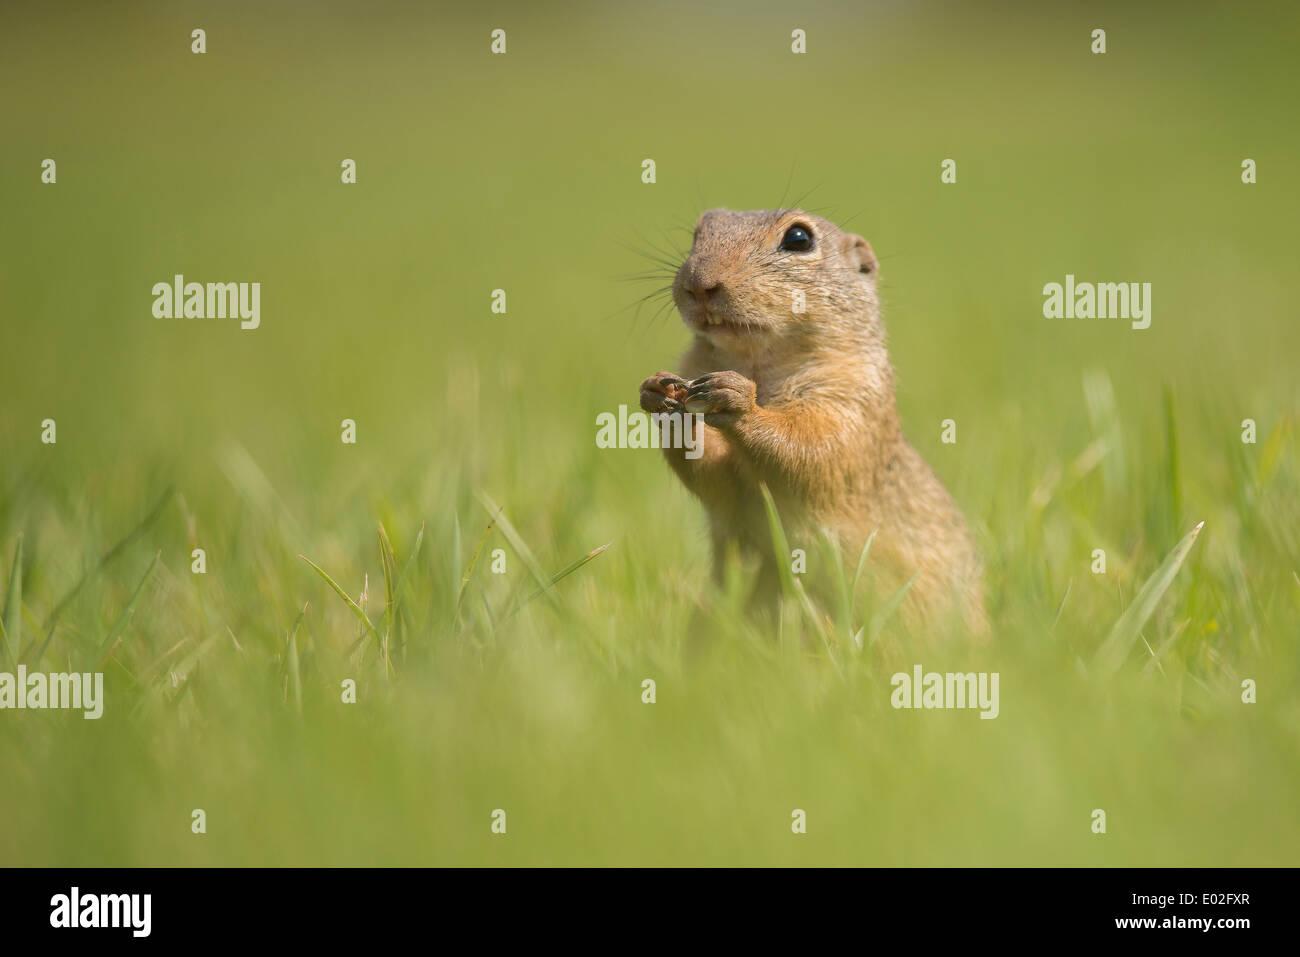 European Ground Squirrel or European Souslik (Spermophilus citellus) on a meadow, Lower Austria, Austria Stock Photo